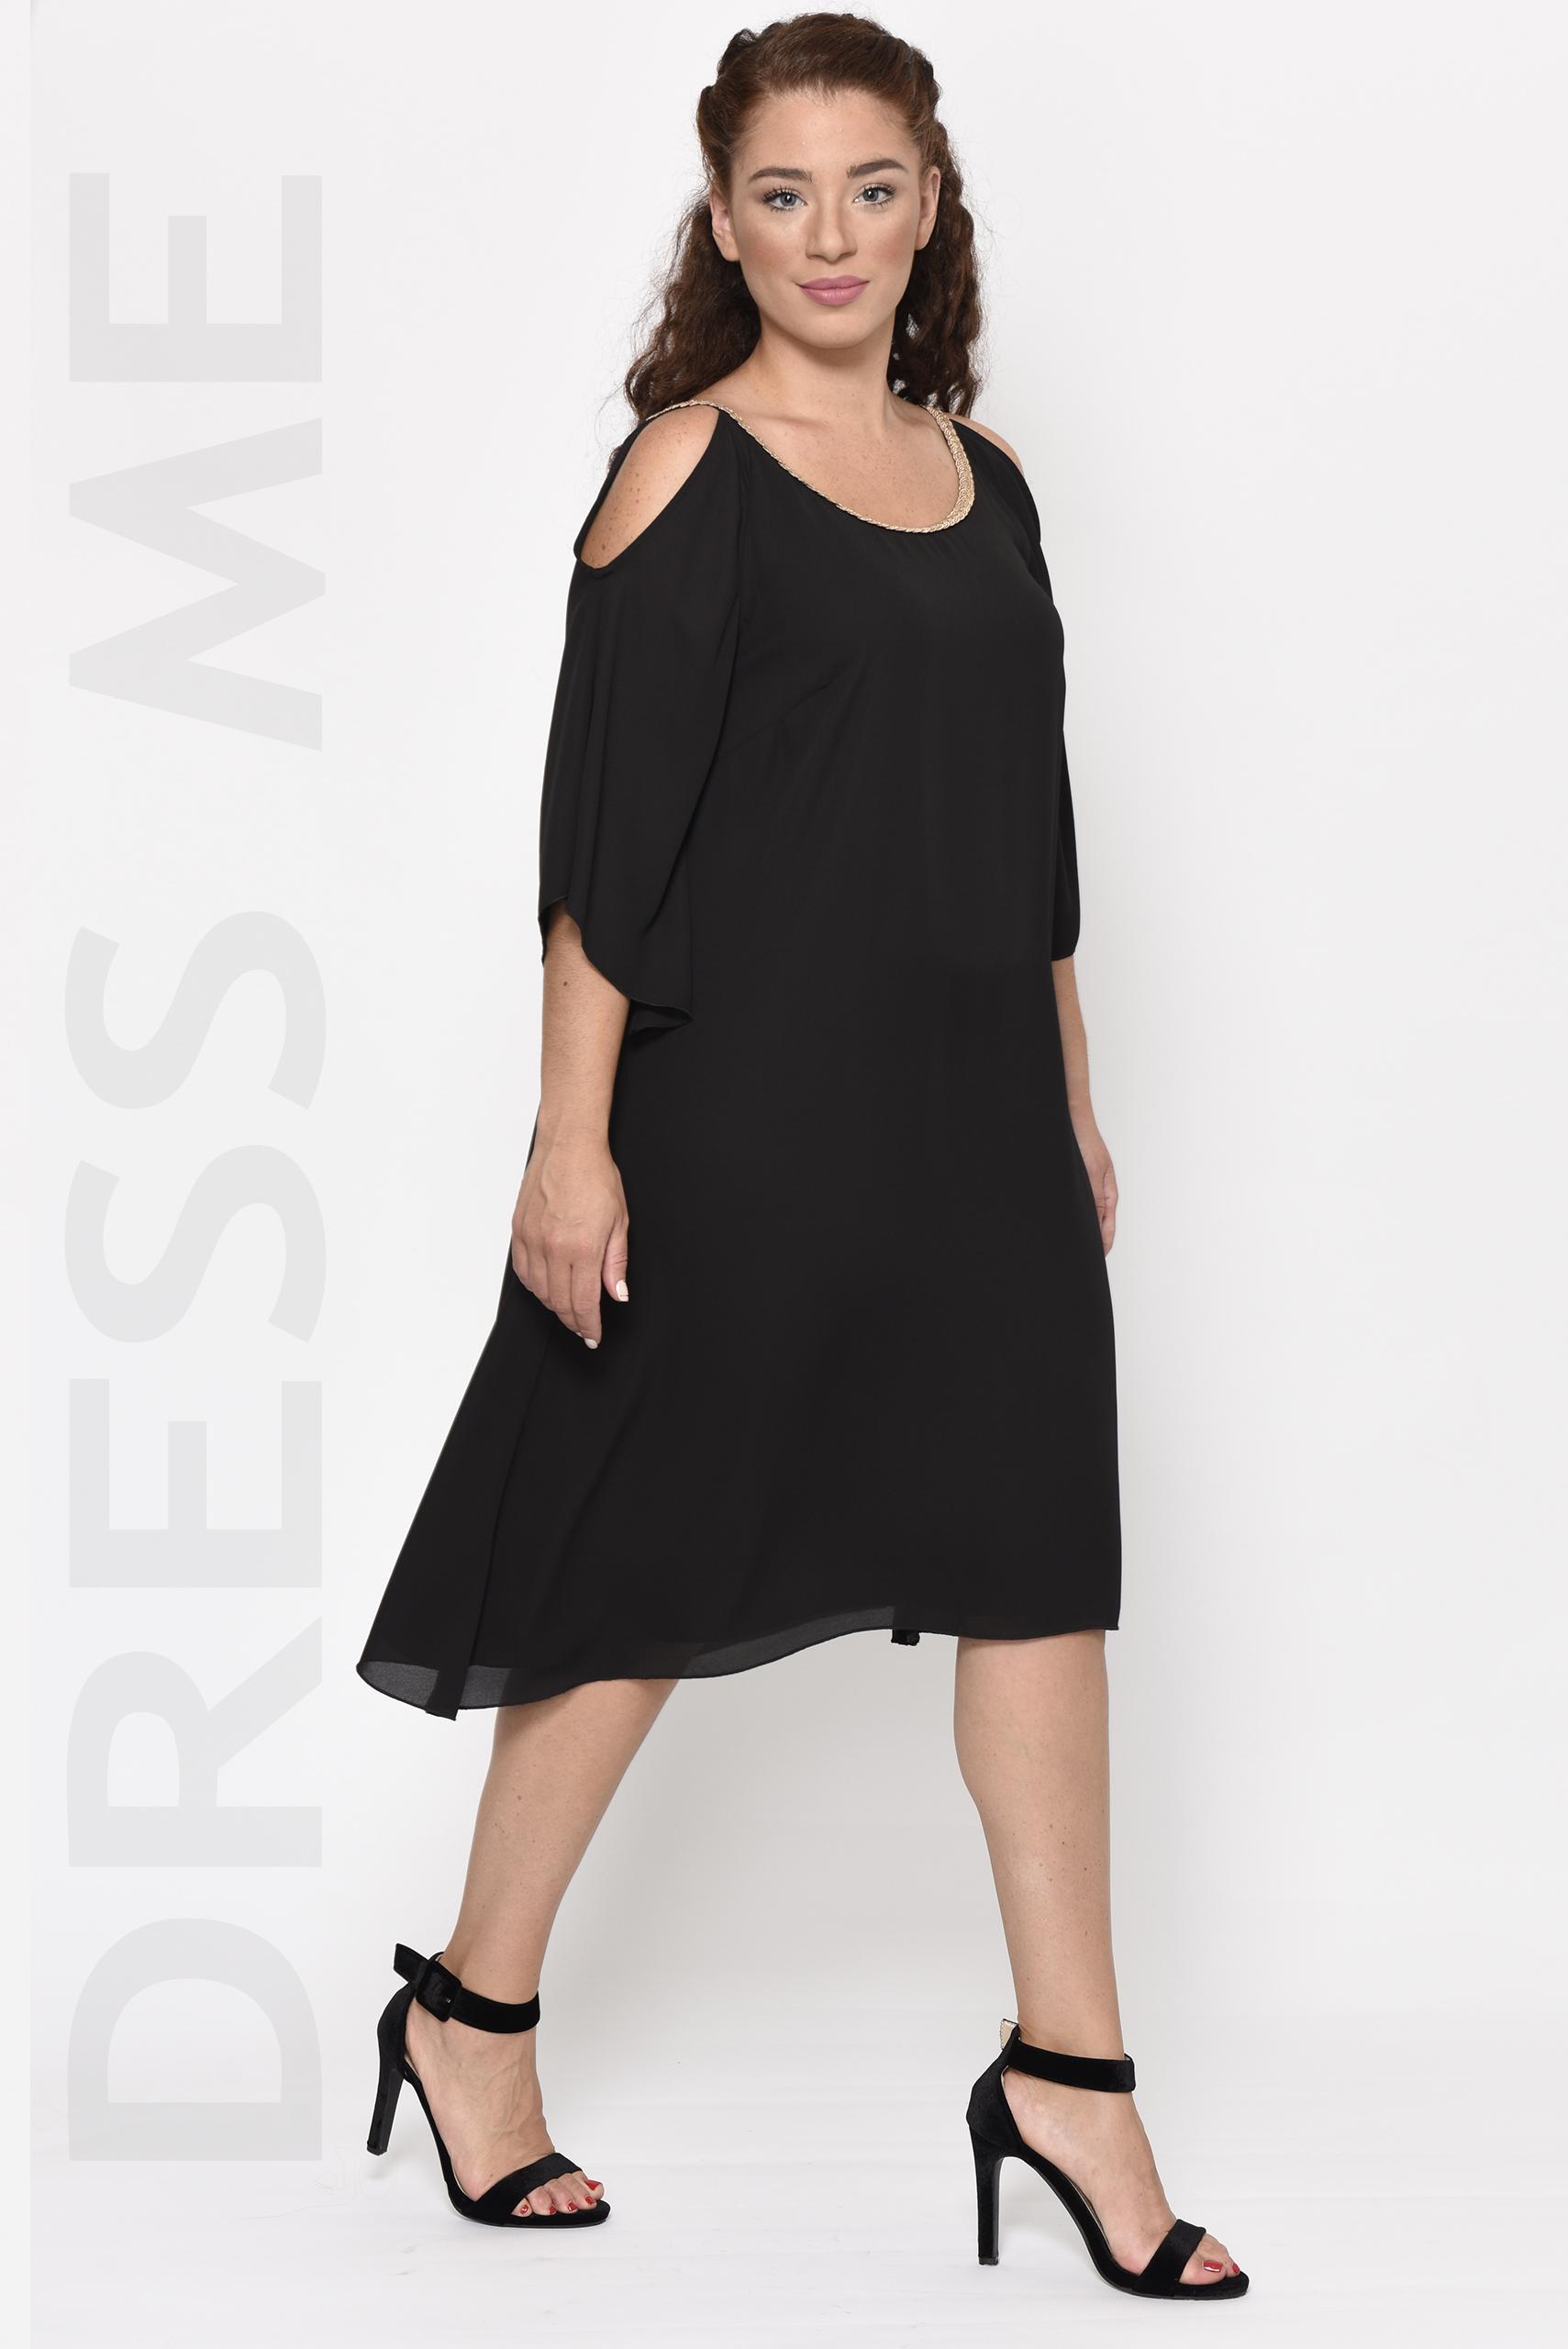 Φόρεμα μαύρο μακρύ κρουαζέ μεγάλα μεγέθη_14